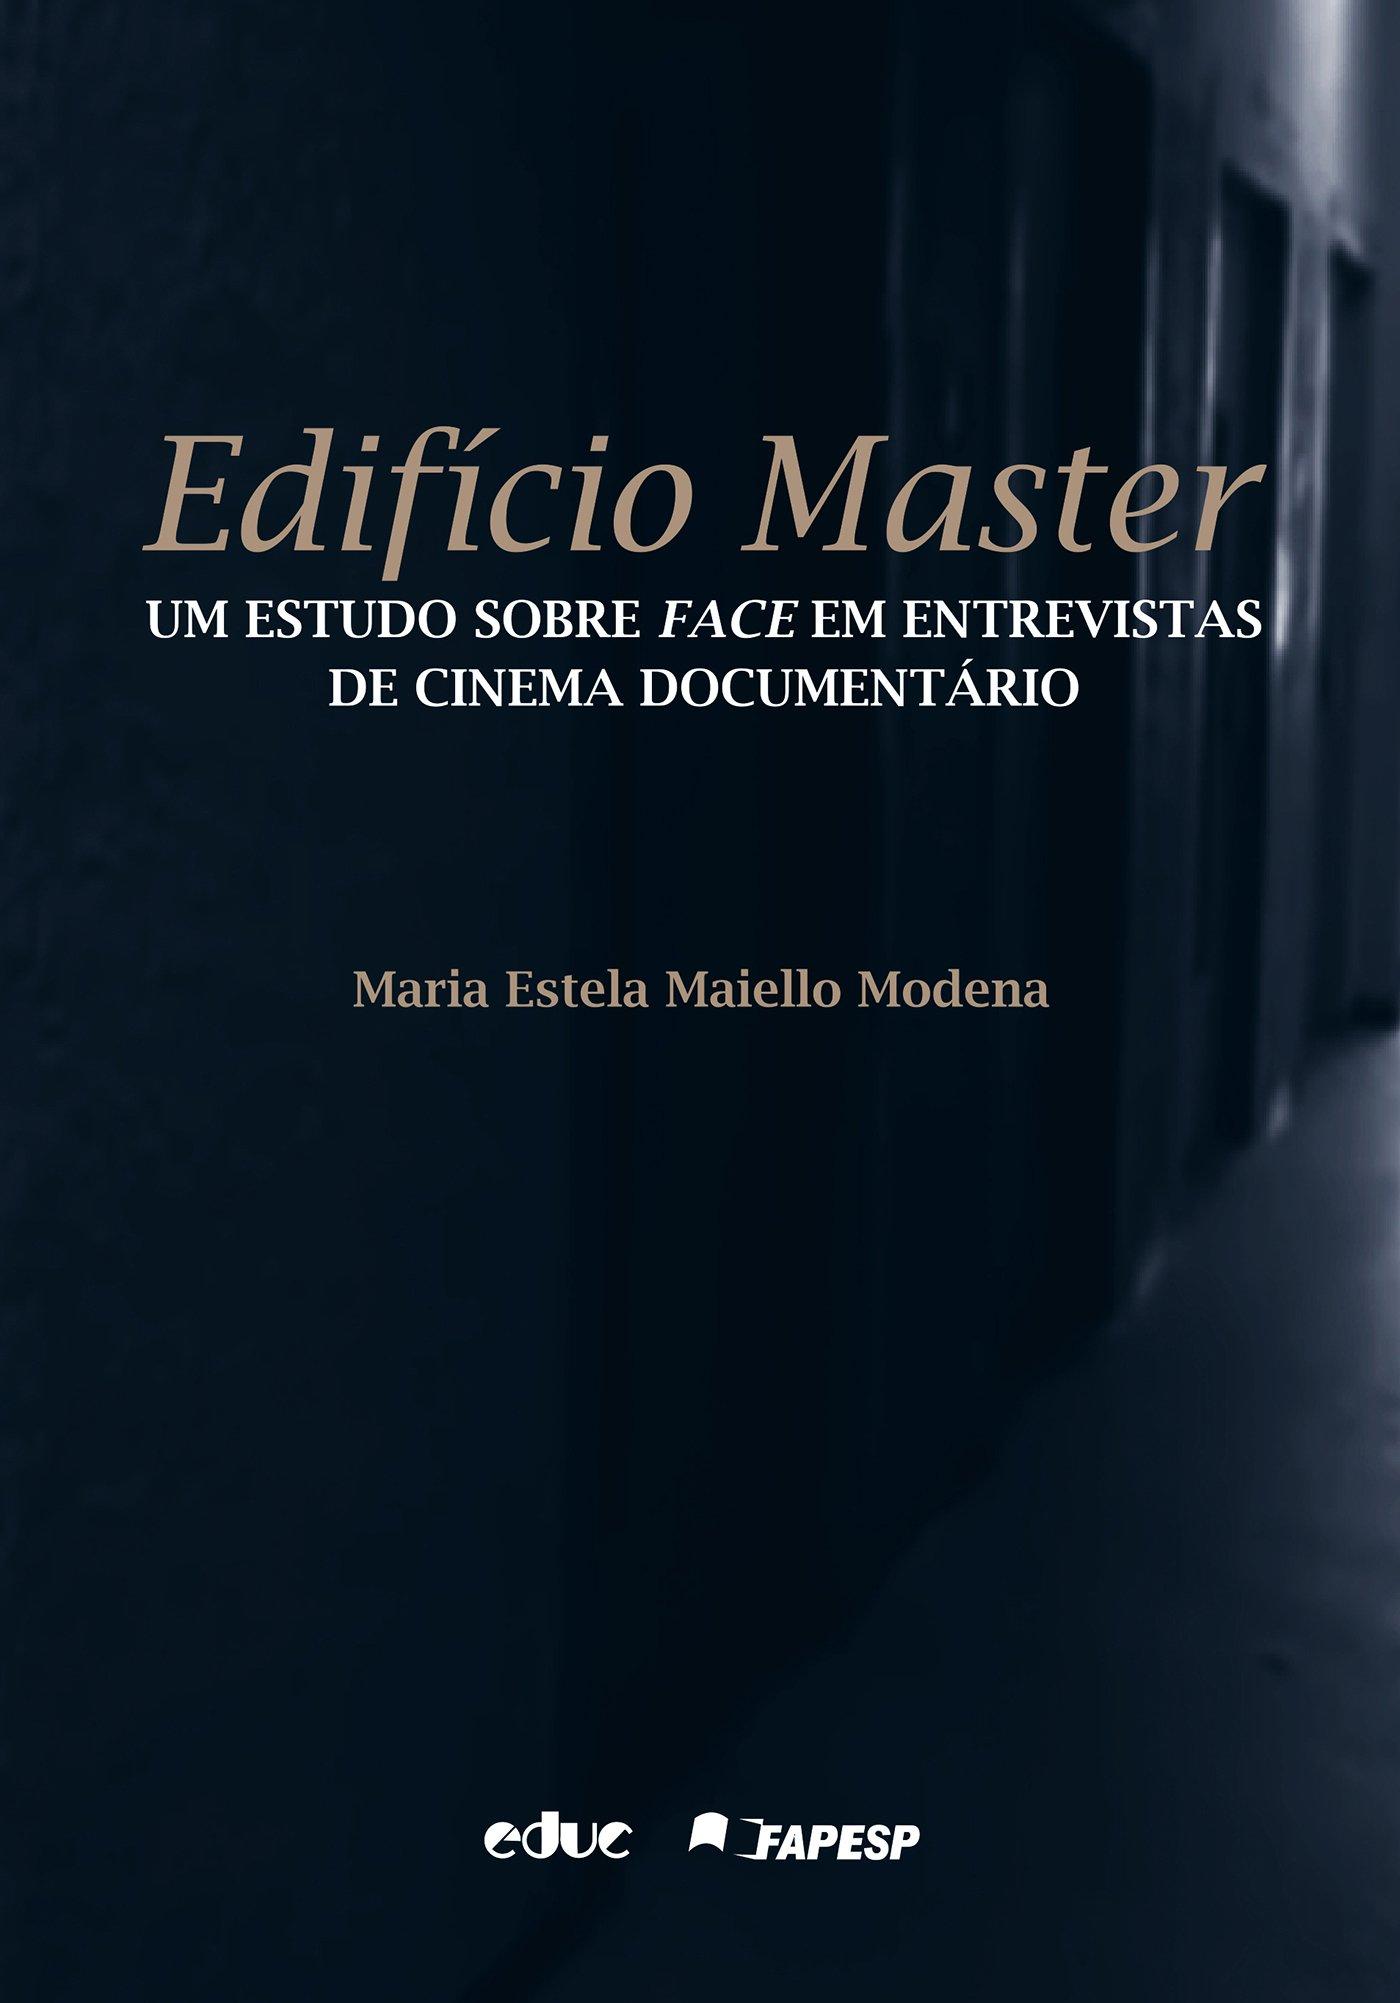 Edifício Master: um Estudo Sobre Face em Entrevistas de Cinema Documentário